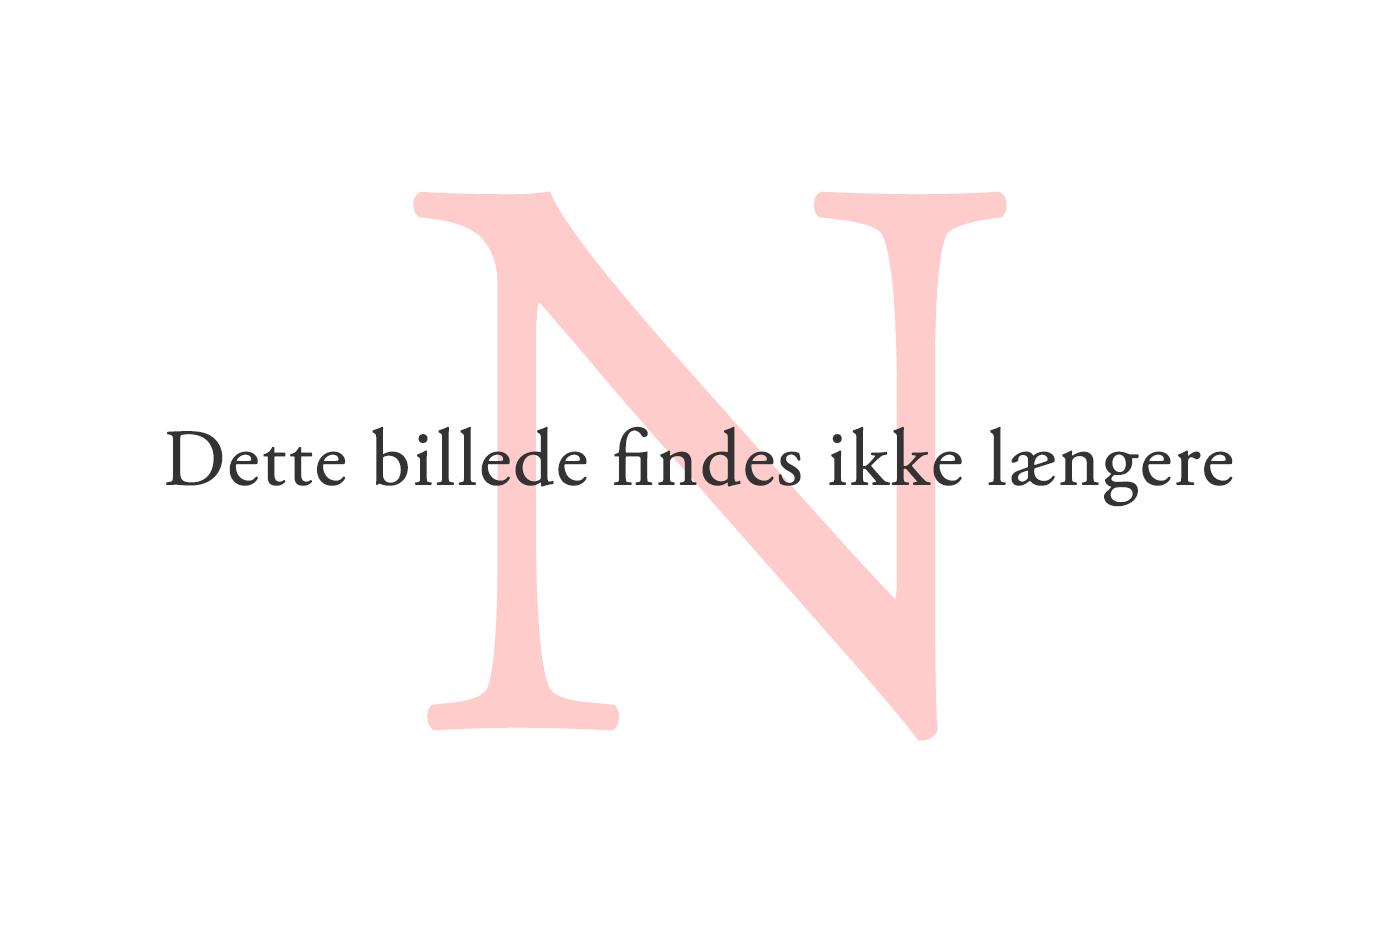 Mange danskere bryder sig ikke om at snakke hos frisøren Foto: morguefile.com